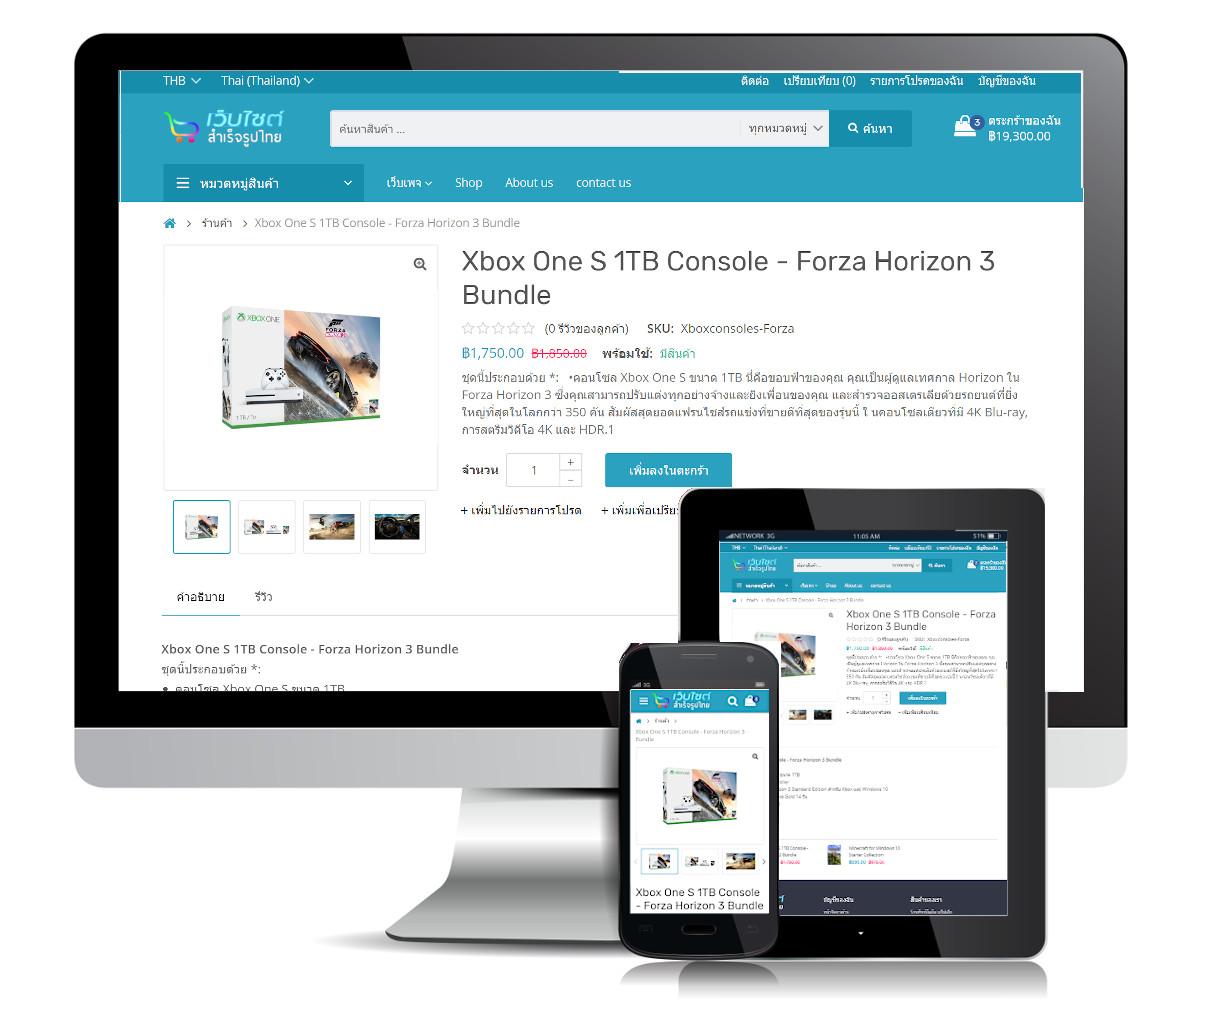 ระบบจัดการร้านค้าที่ทรงประสิทธิภาพมากมาย ที่ช่วยให้คุณออกแบบหน้าร้านขายออนไลน์ ด้วยเทมเพลต สีธีม เมนูเว็บไซต์และอื่นๆ อีกมากมาย